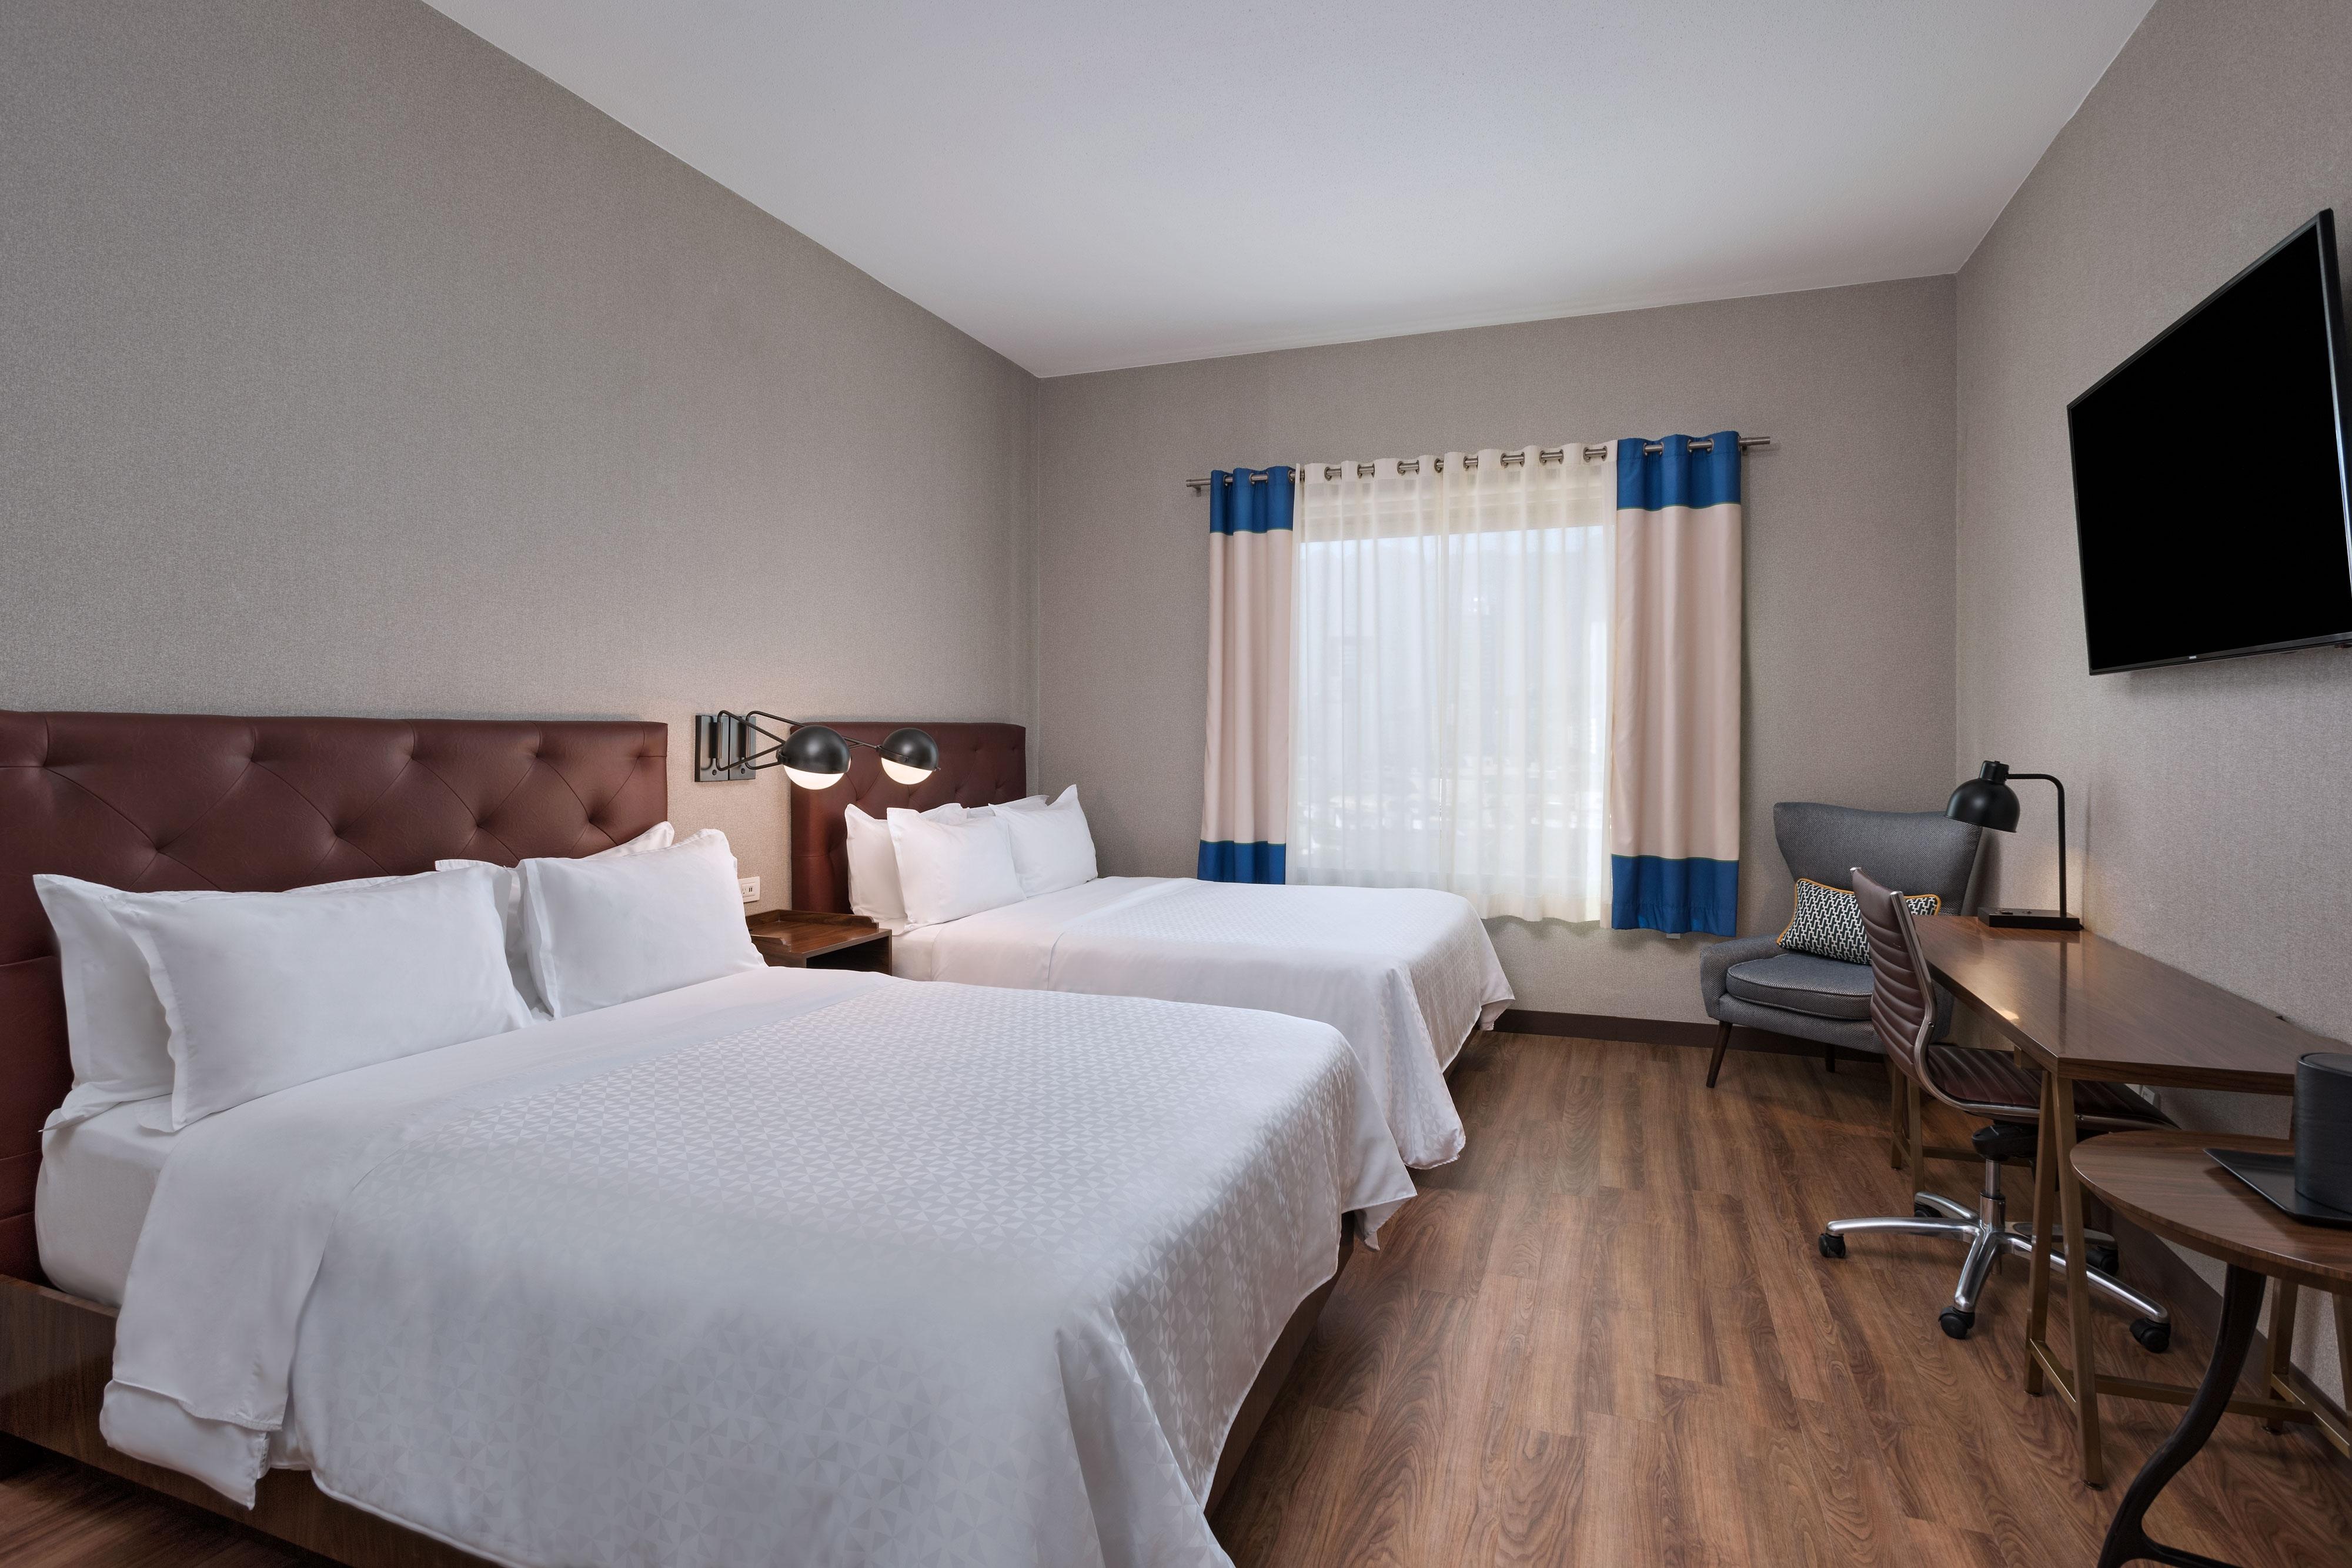 Chambre supérieure avec deux lits queen size